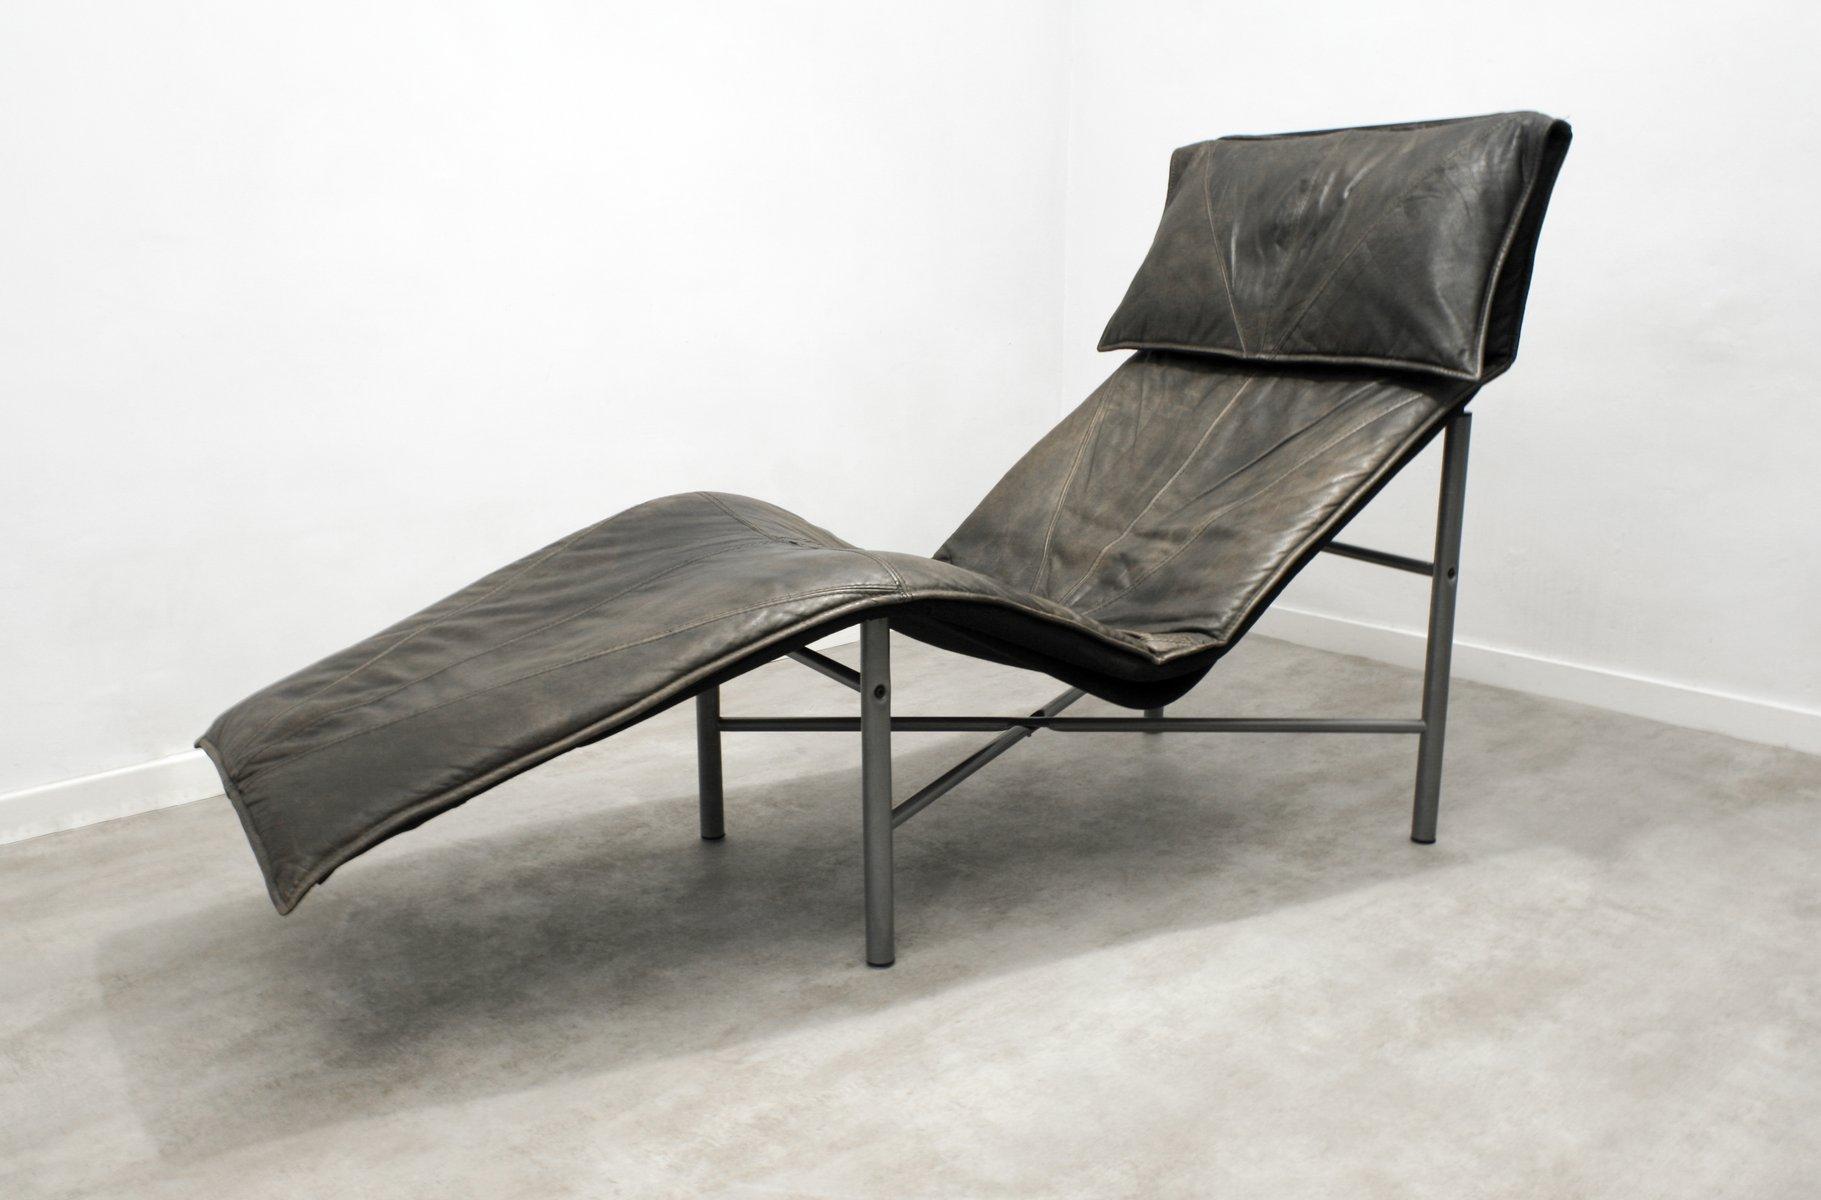 skye chaiselongue aus braunem leder von tord bj rklund f r. Black Bedroom Furniture Sets. Home Design Ideas